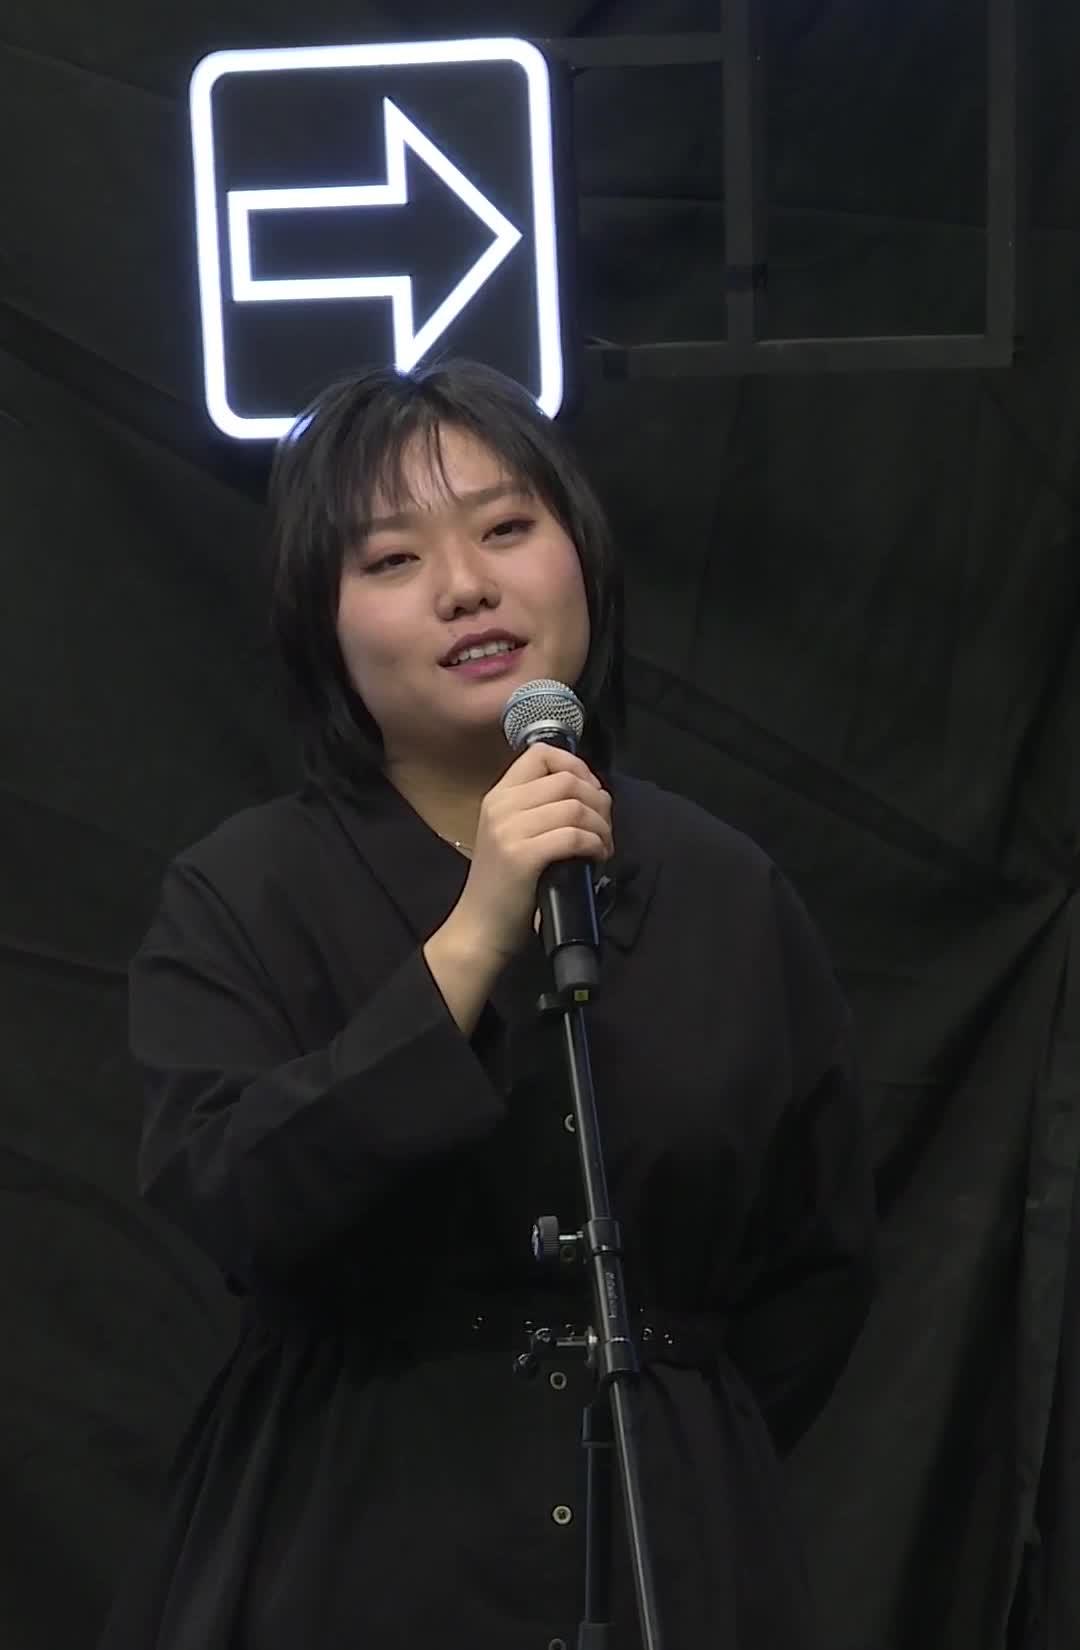 #王牌对王牌 只因为在人群中多看了你一眼,吴彤就给李雪琴做了一档节目#营业吧王牌